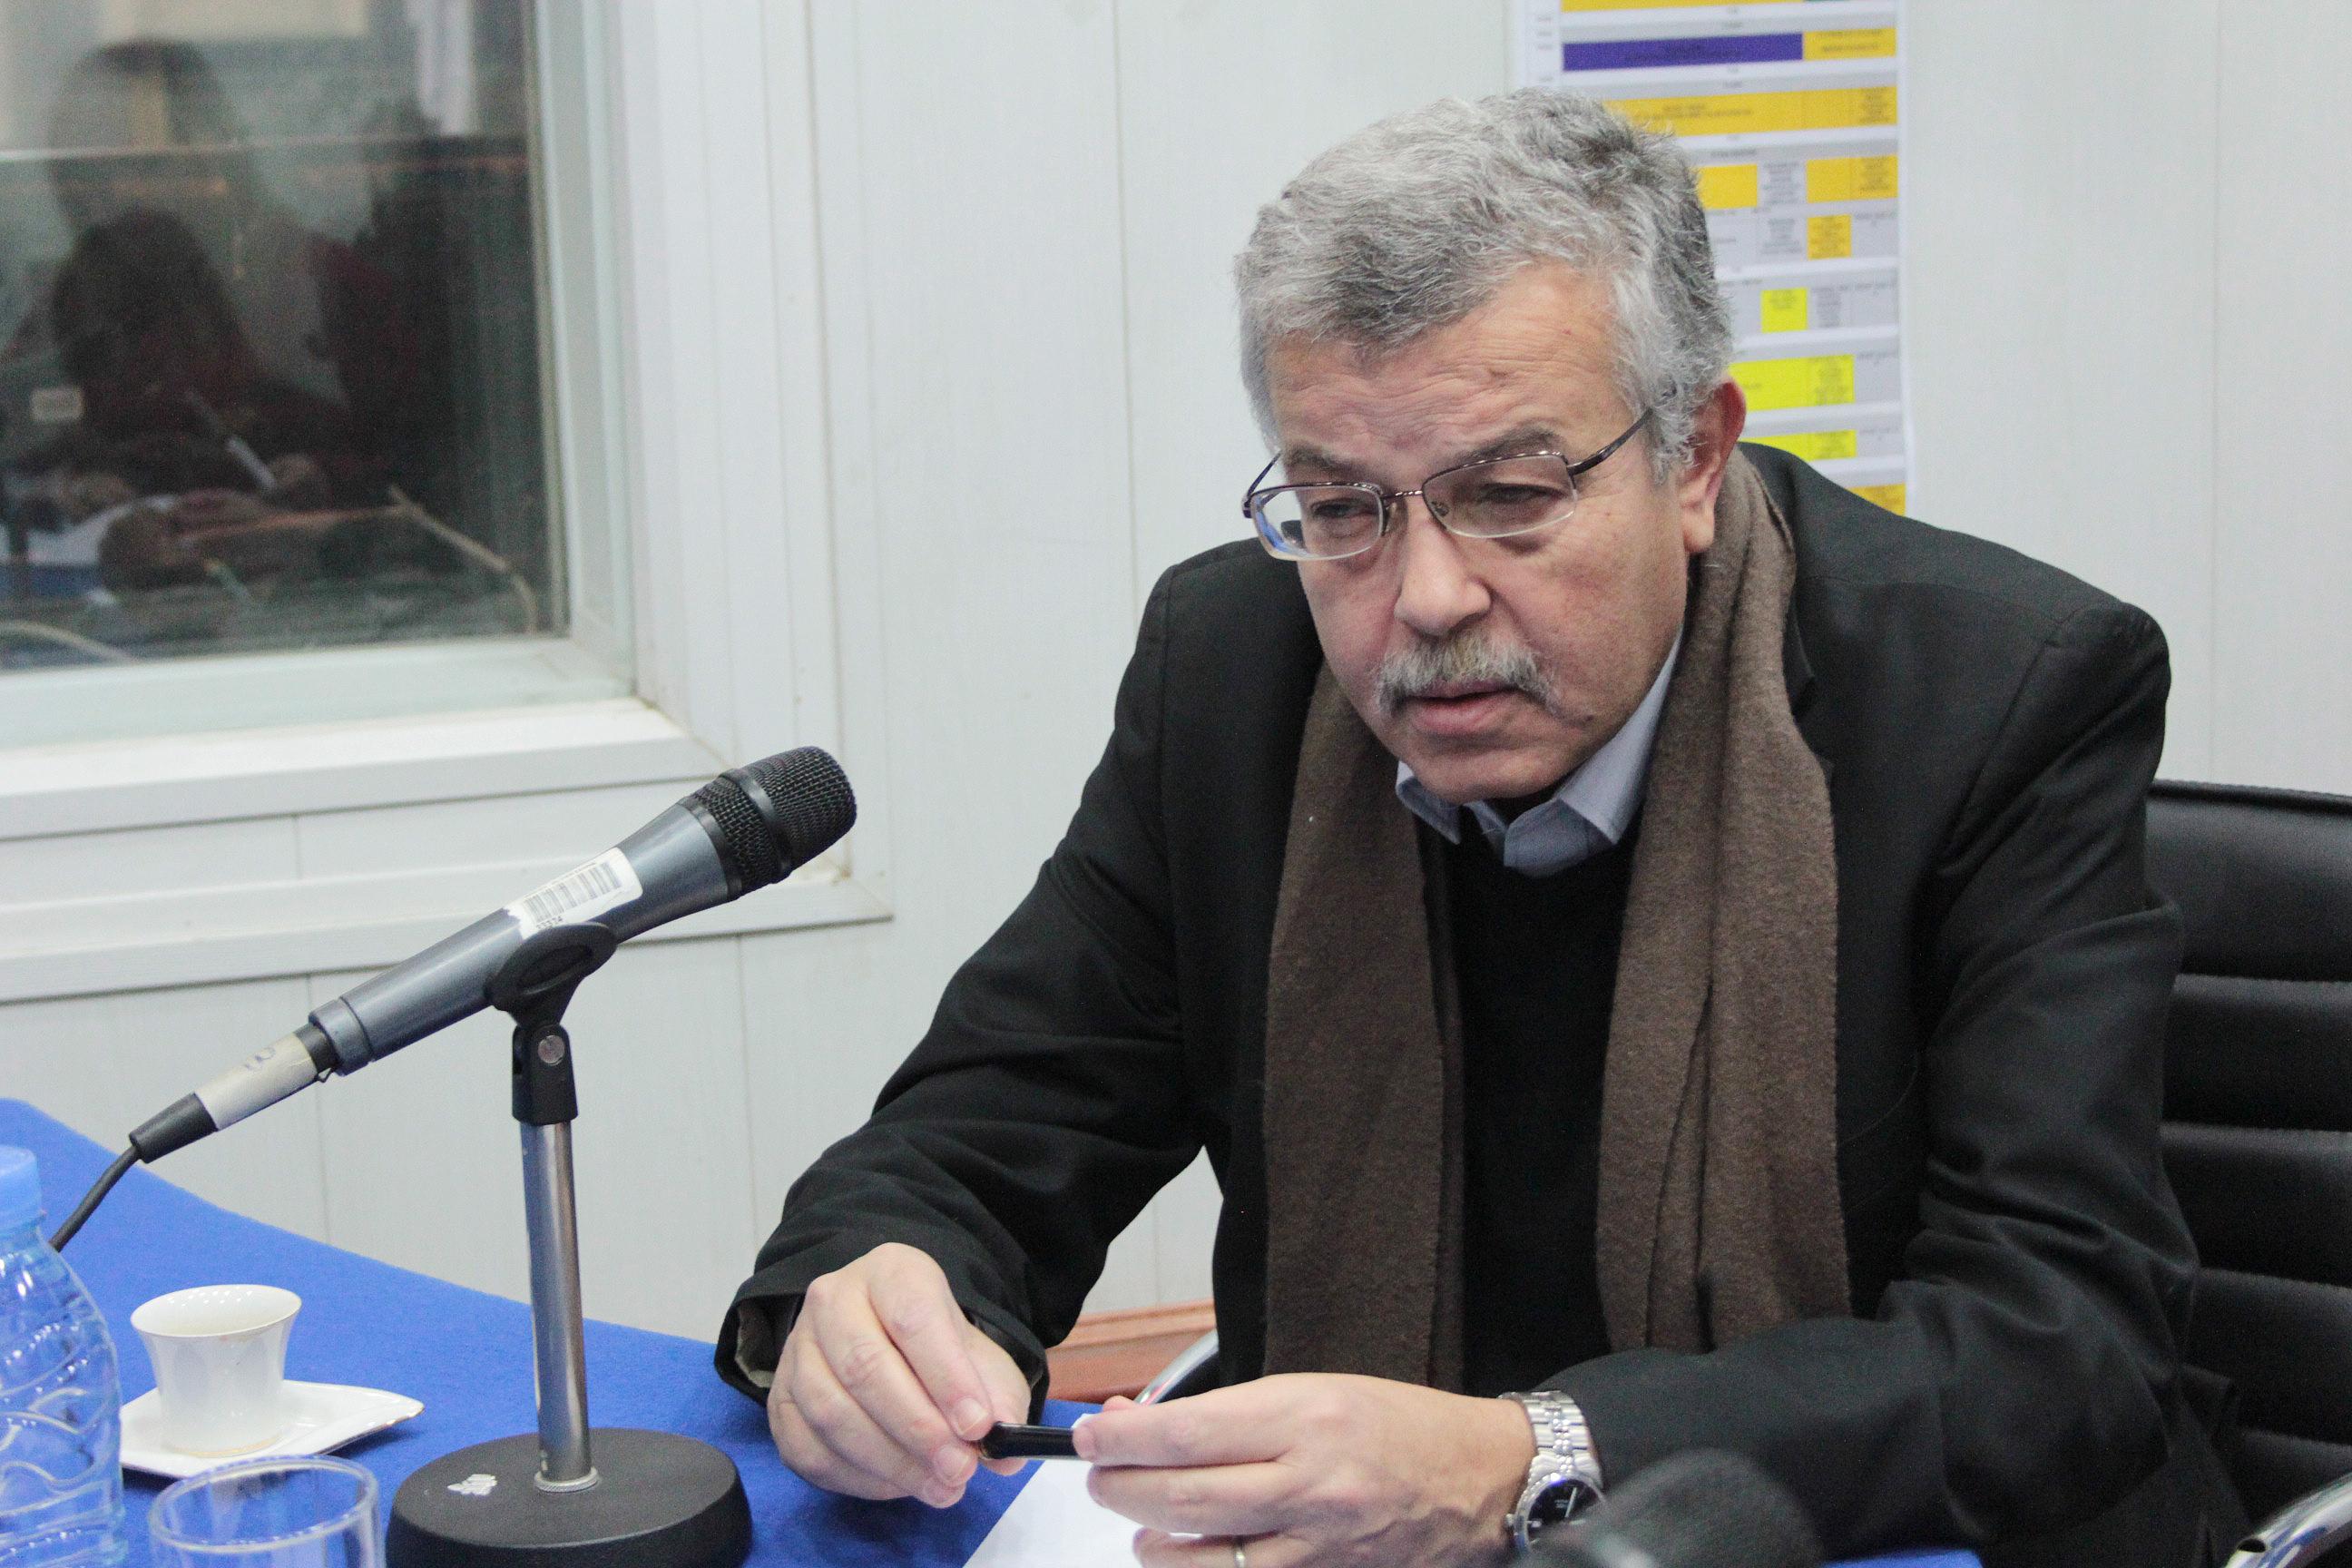 - الجزائر البلد الوحيد الذي يستورد الأدوية ويصدّر المرضى